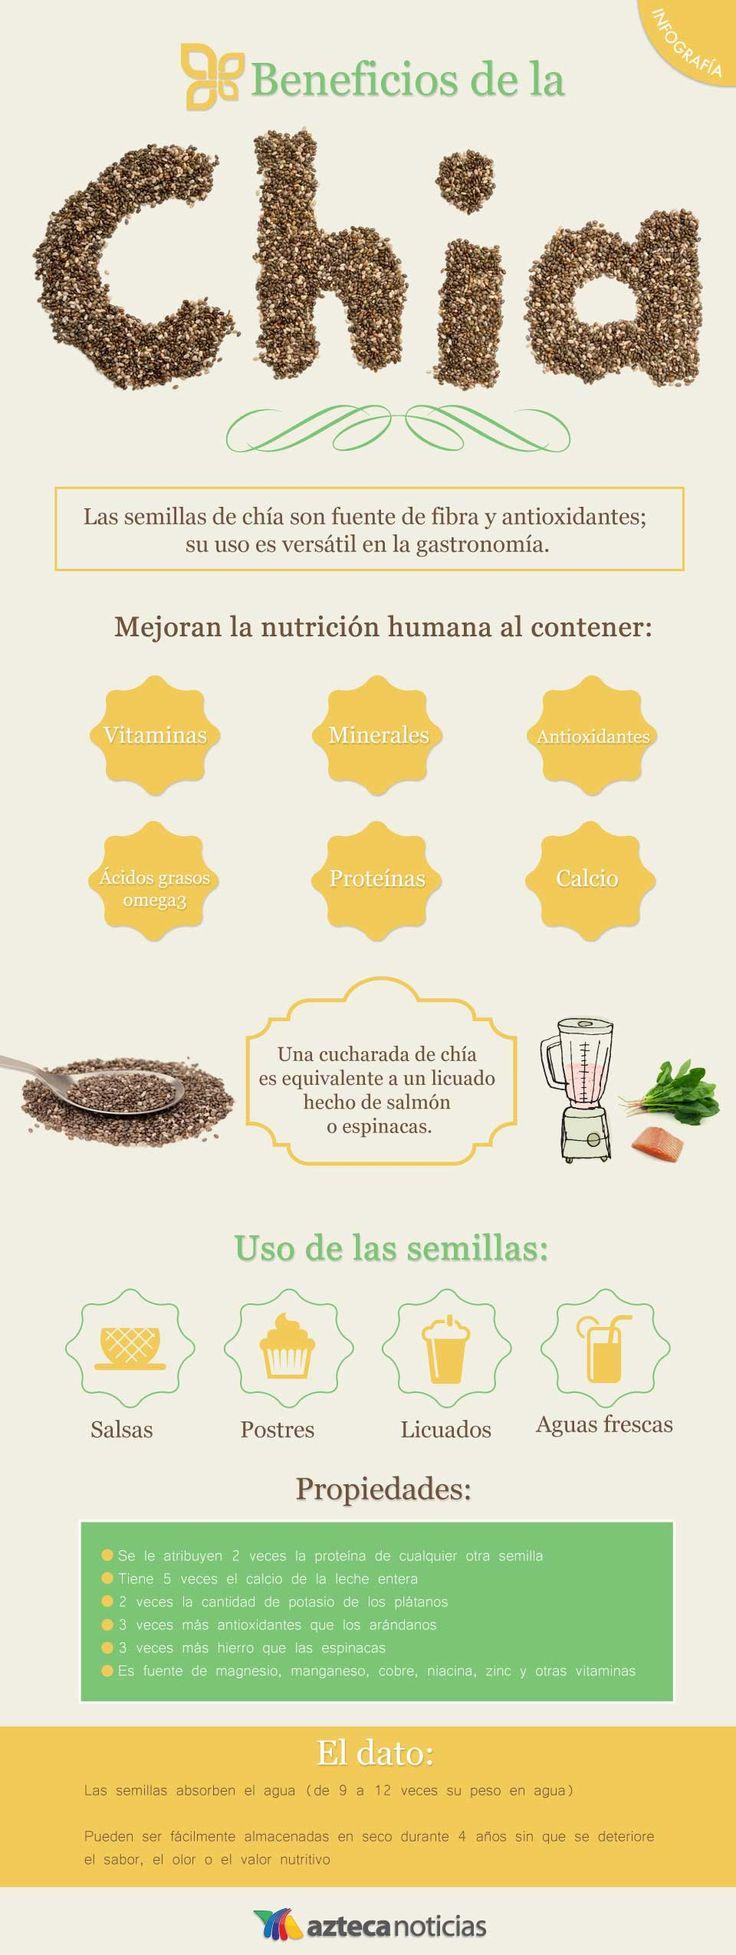 Propiedades y beneficios de la chia en una infografia. Incluye las semillas de chia en tu dieta y empieza a disfrutar de todas sus bondades: Entre ellas la de ayudarte a bajar de peso.